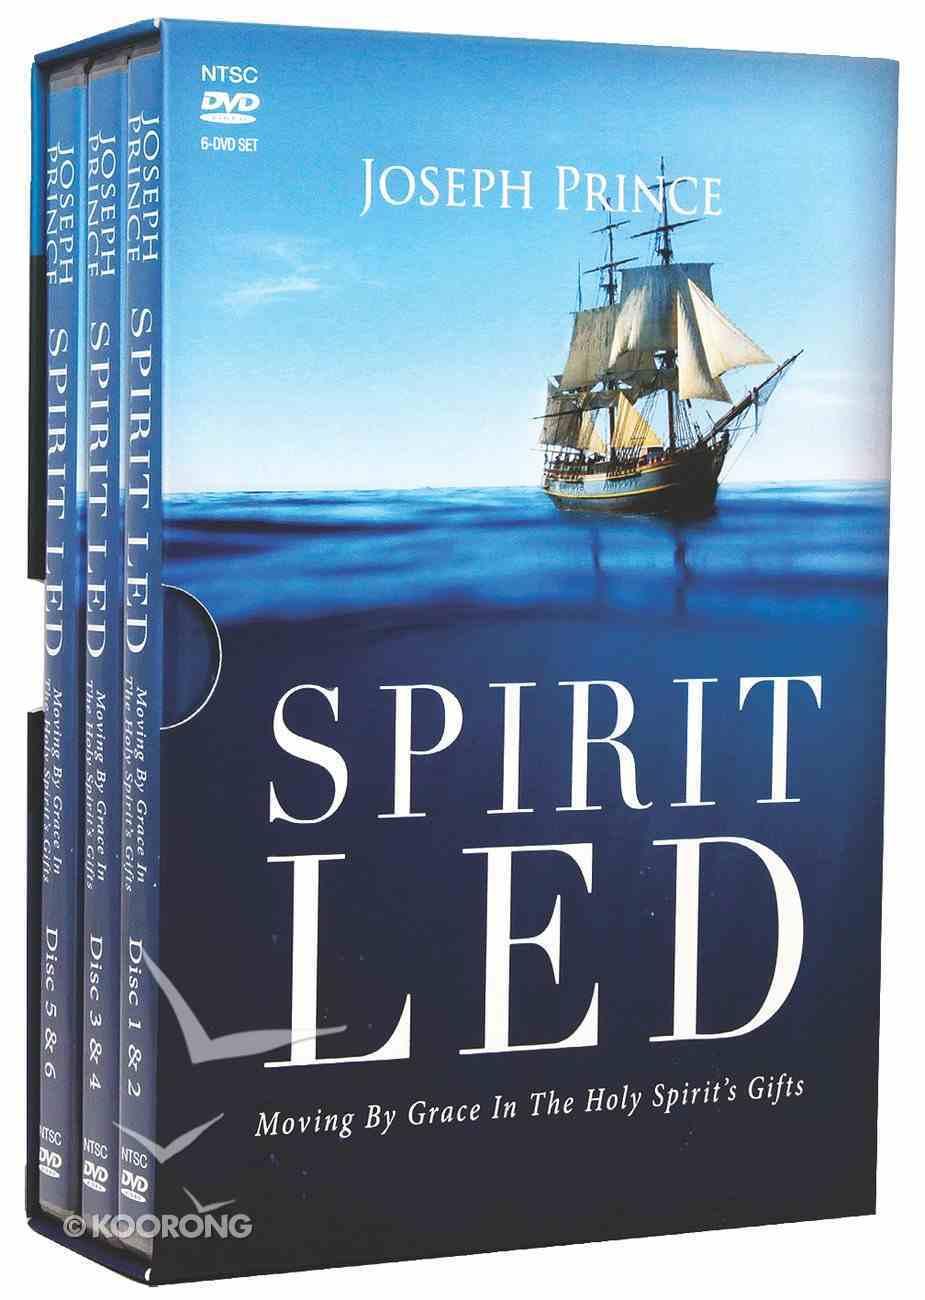 Spirit Led (6 Dvds) DVD